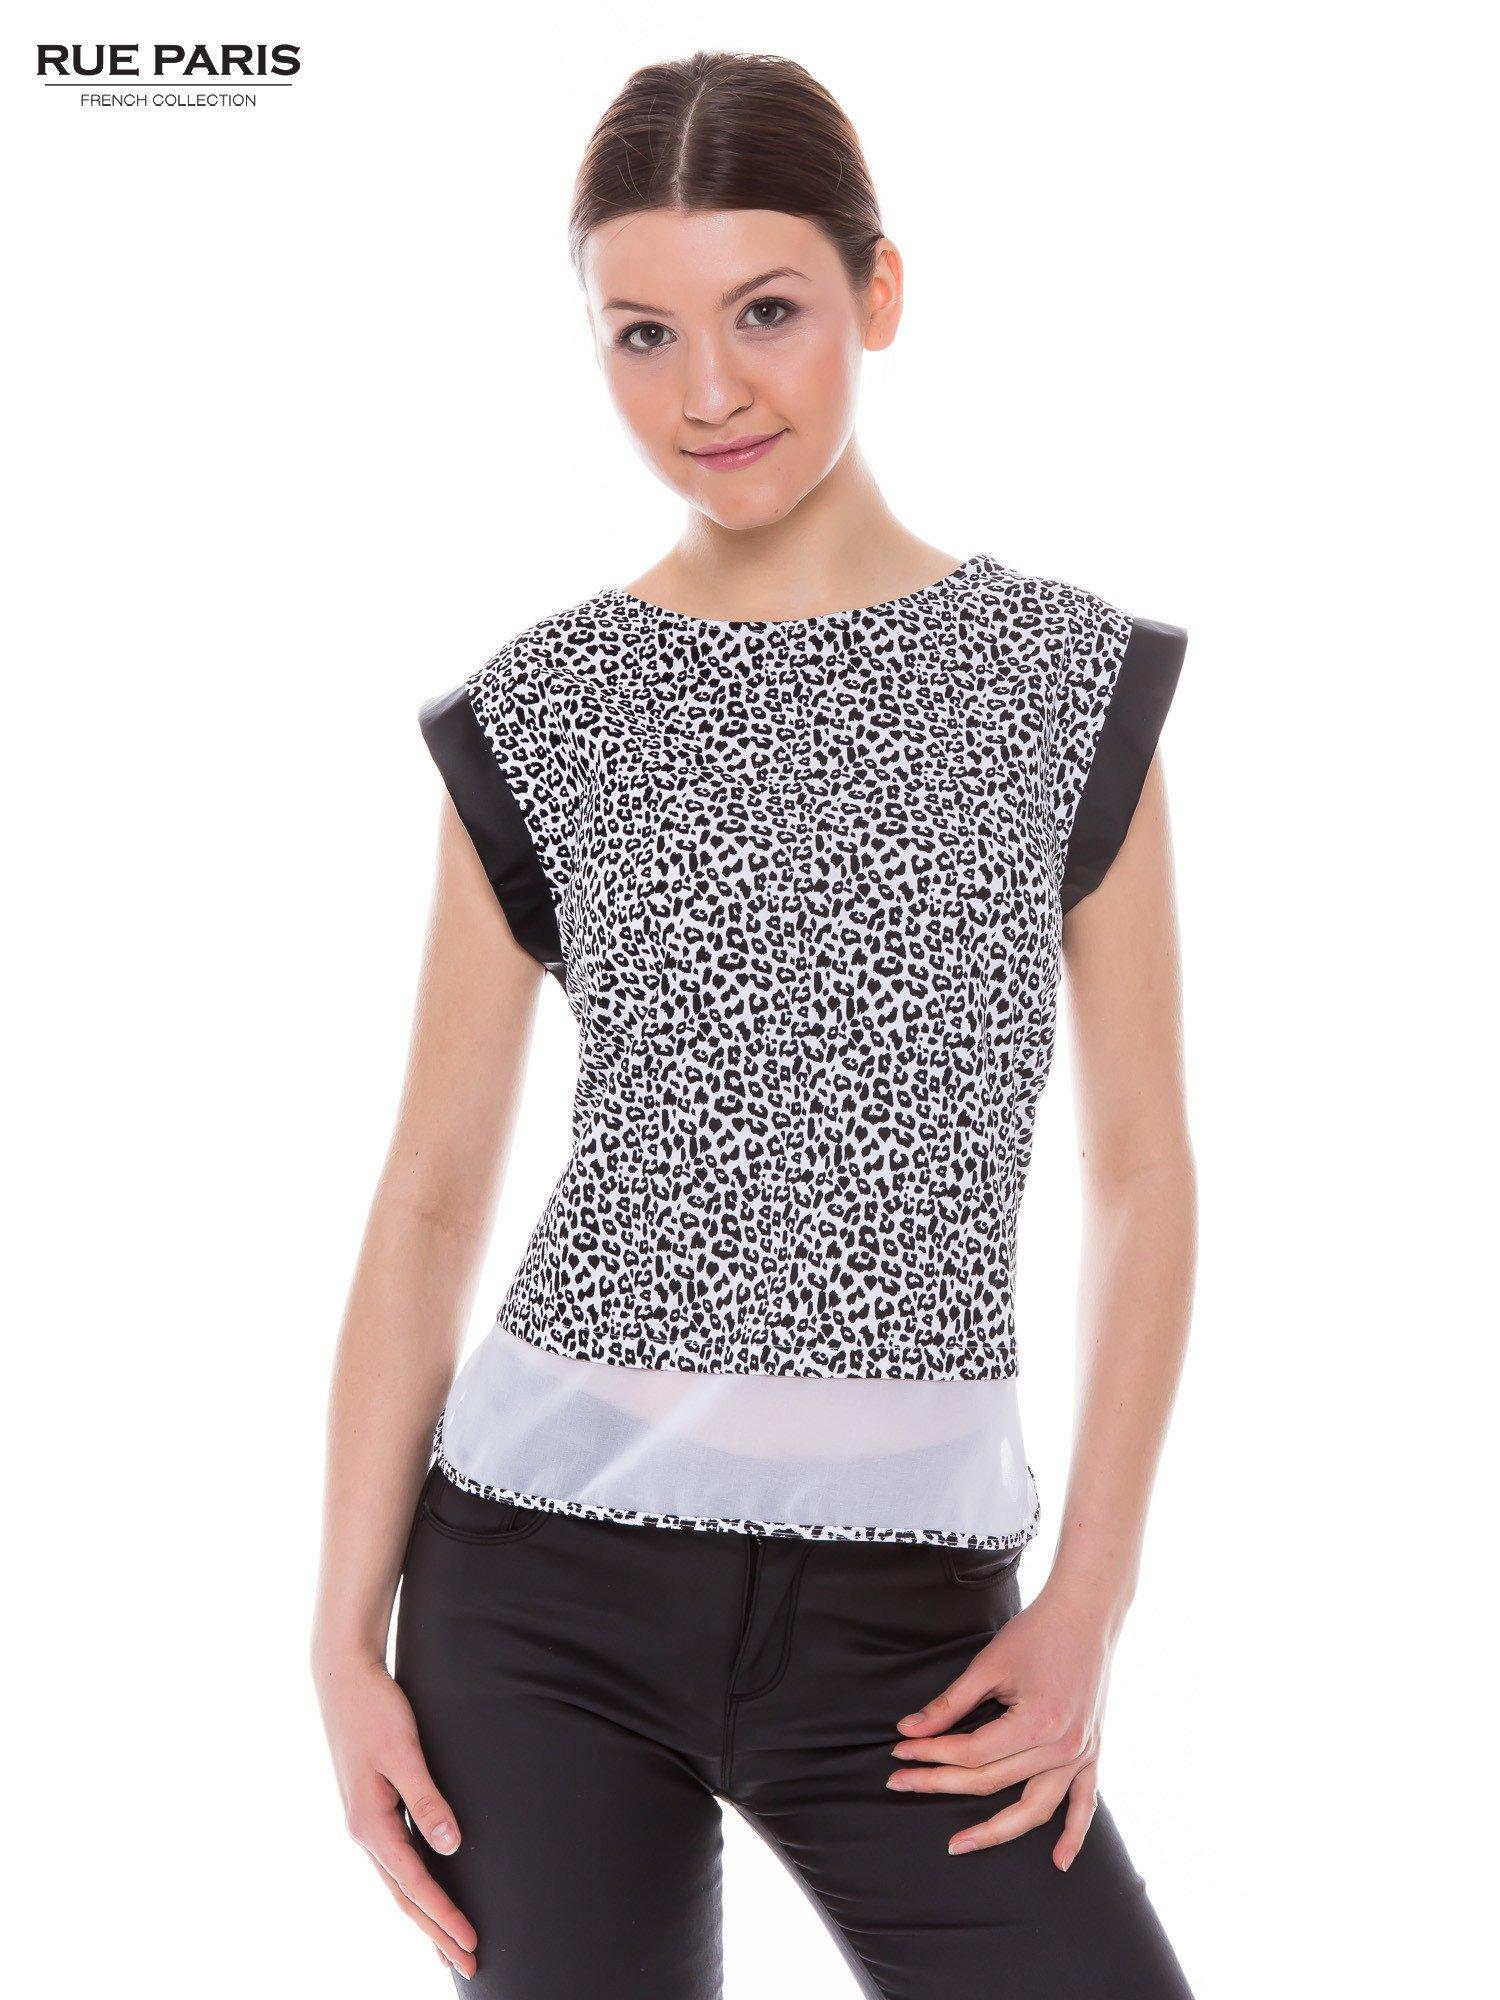 Panterkowy t-shirt ze skórzanymi rękawami i siateczkowym dołem                                  zdj.                                  1